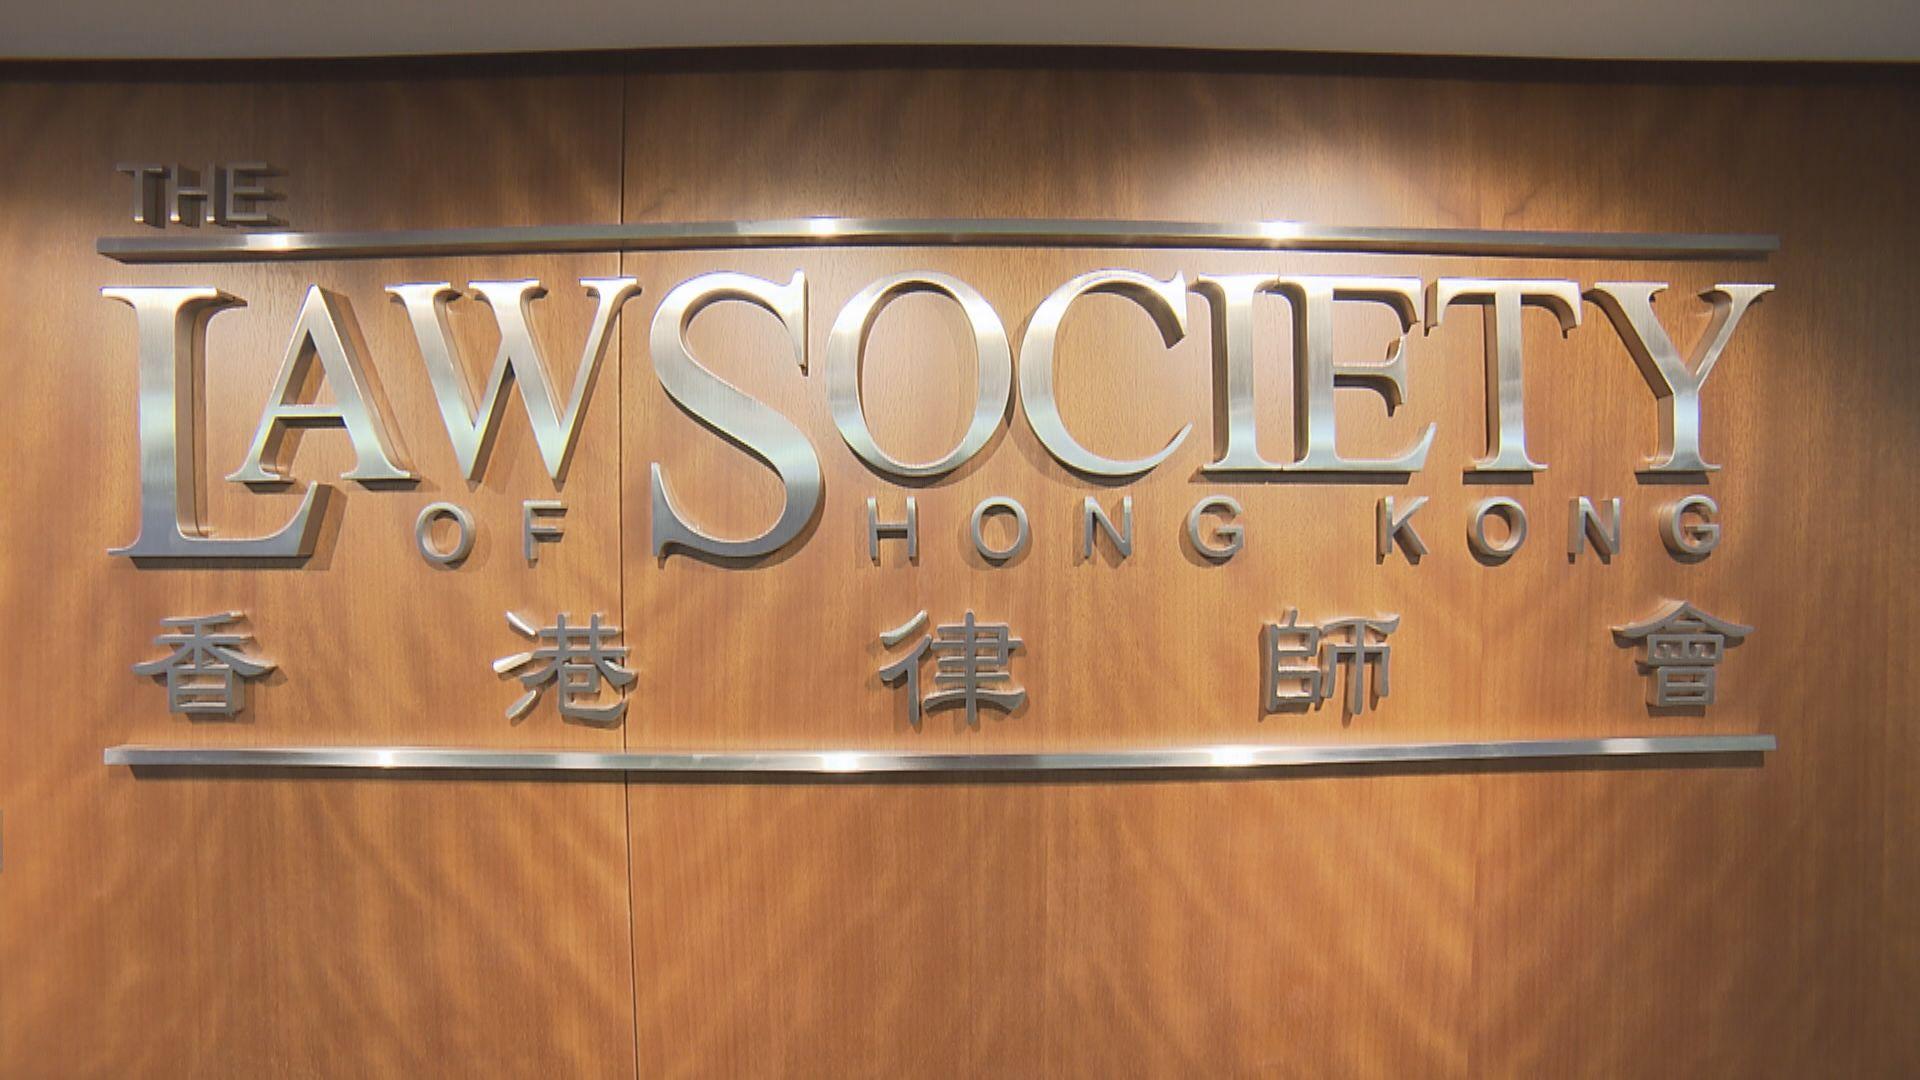 香港律師會會長對總裁判官接恐嚇感震驚 促政府嚴肅跟進